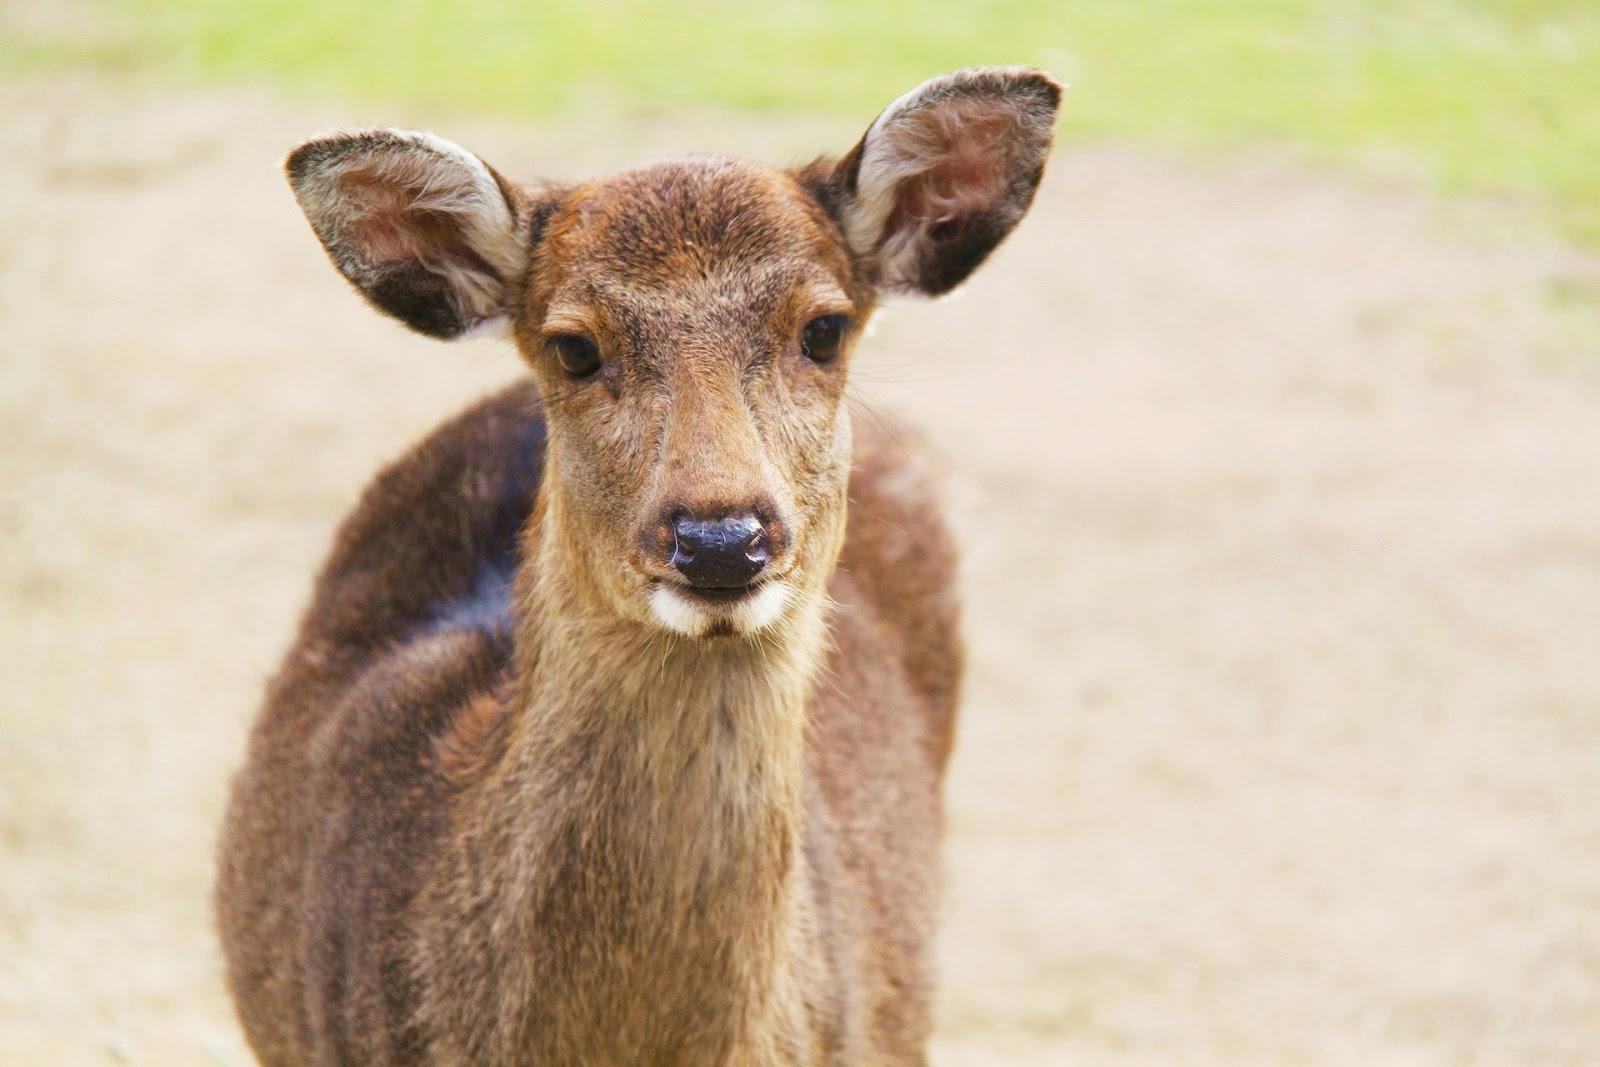 奈良-景點-推薦-鹿-奈良鹿-市區-自由行-必玩-必遊-旅遊-觀光-日本-Nara-Tourist-Attraction